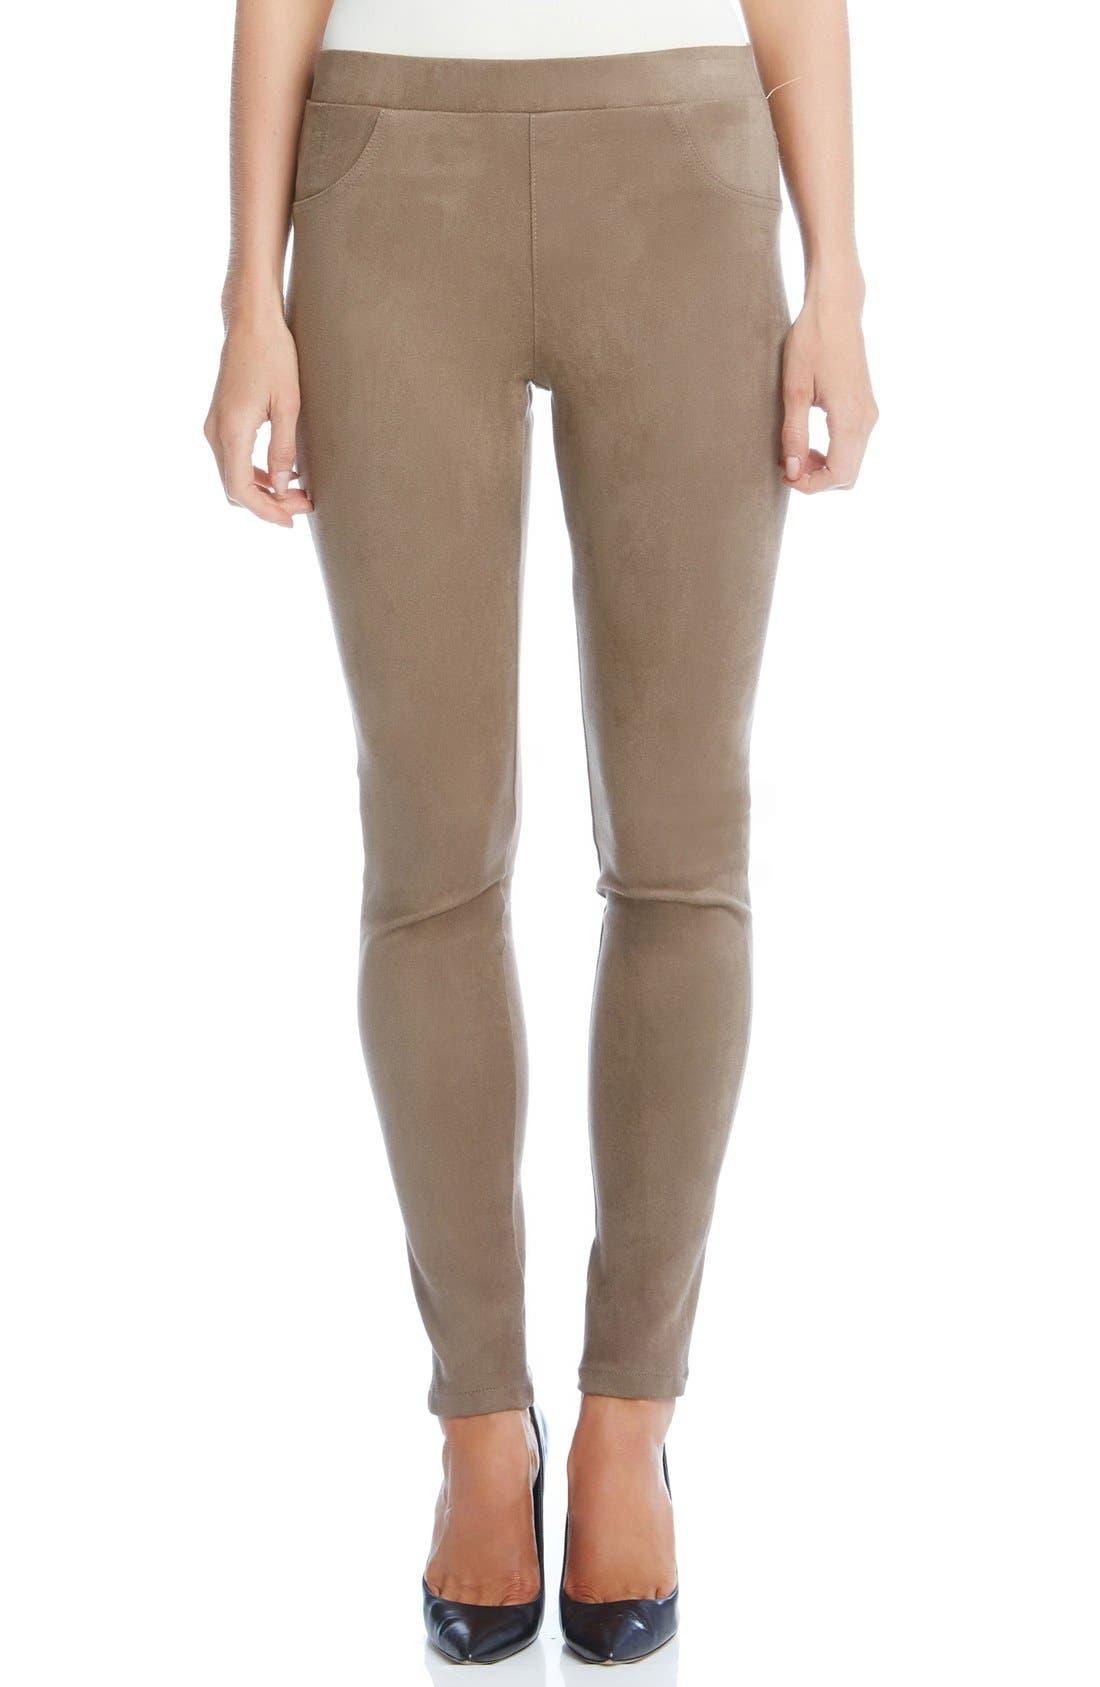 Karen Kane Faux Suede Knit Skinny Pants